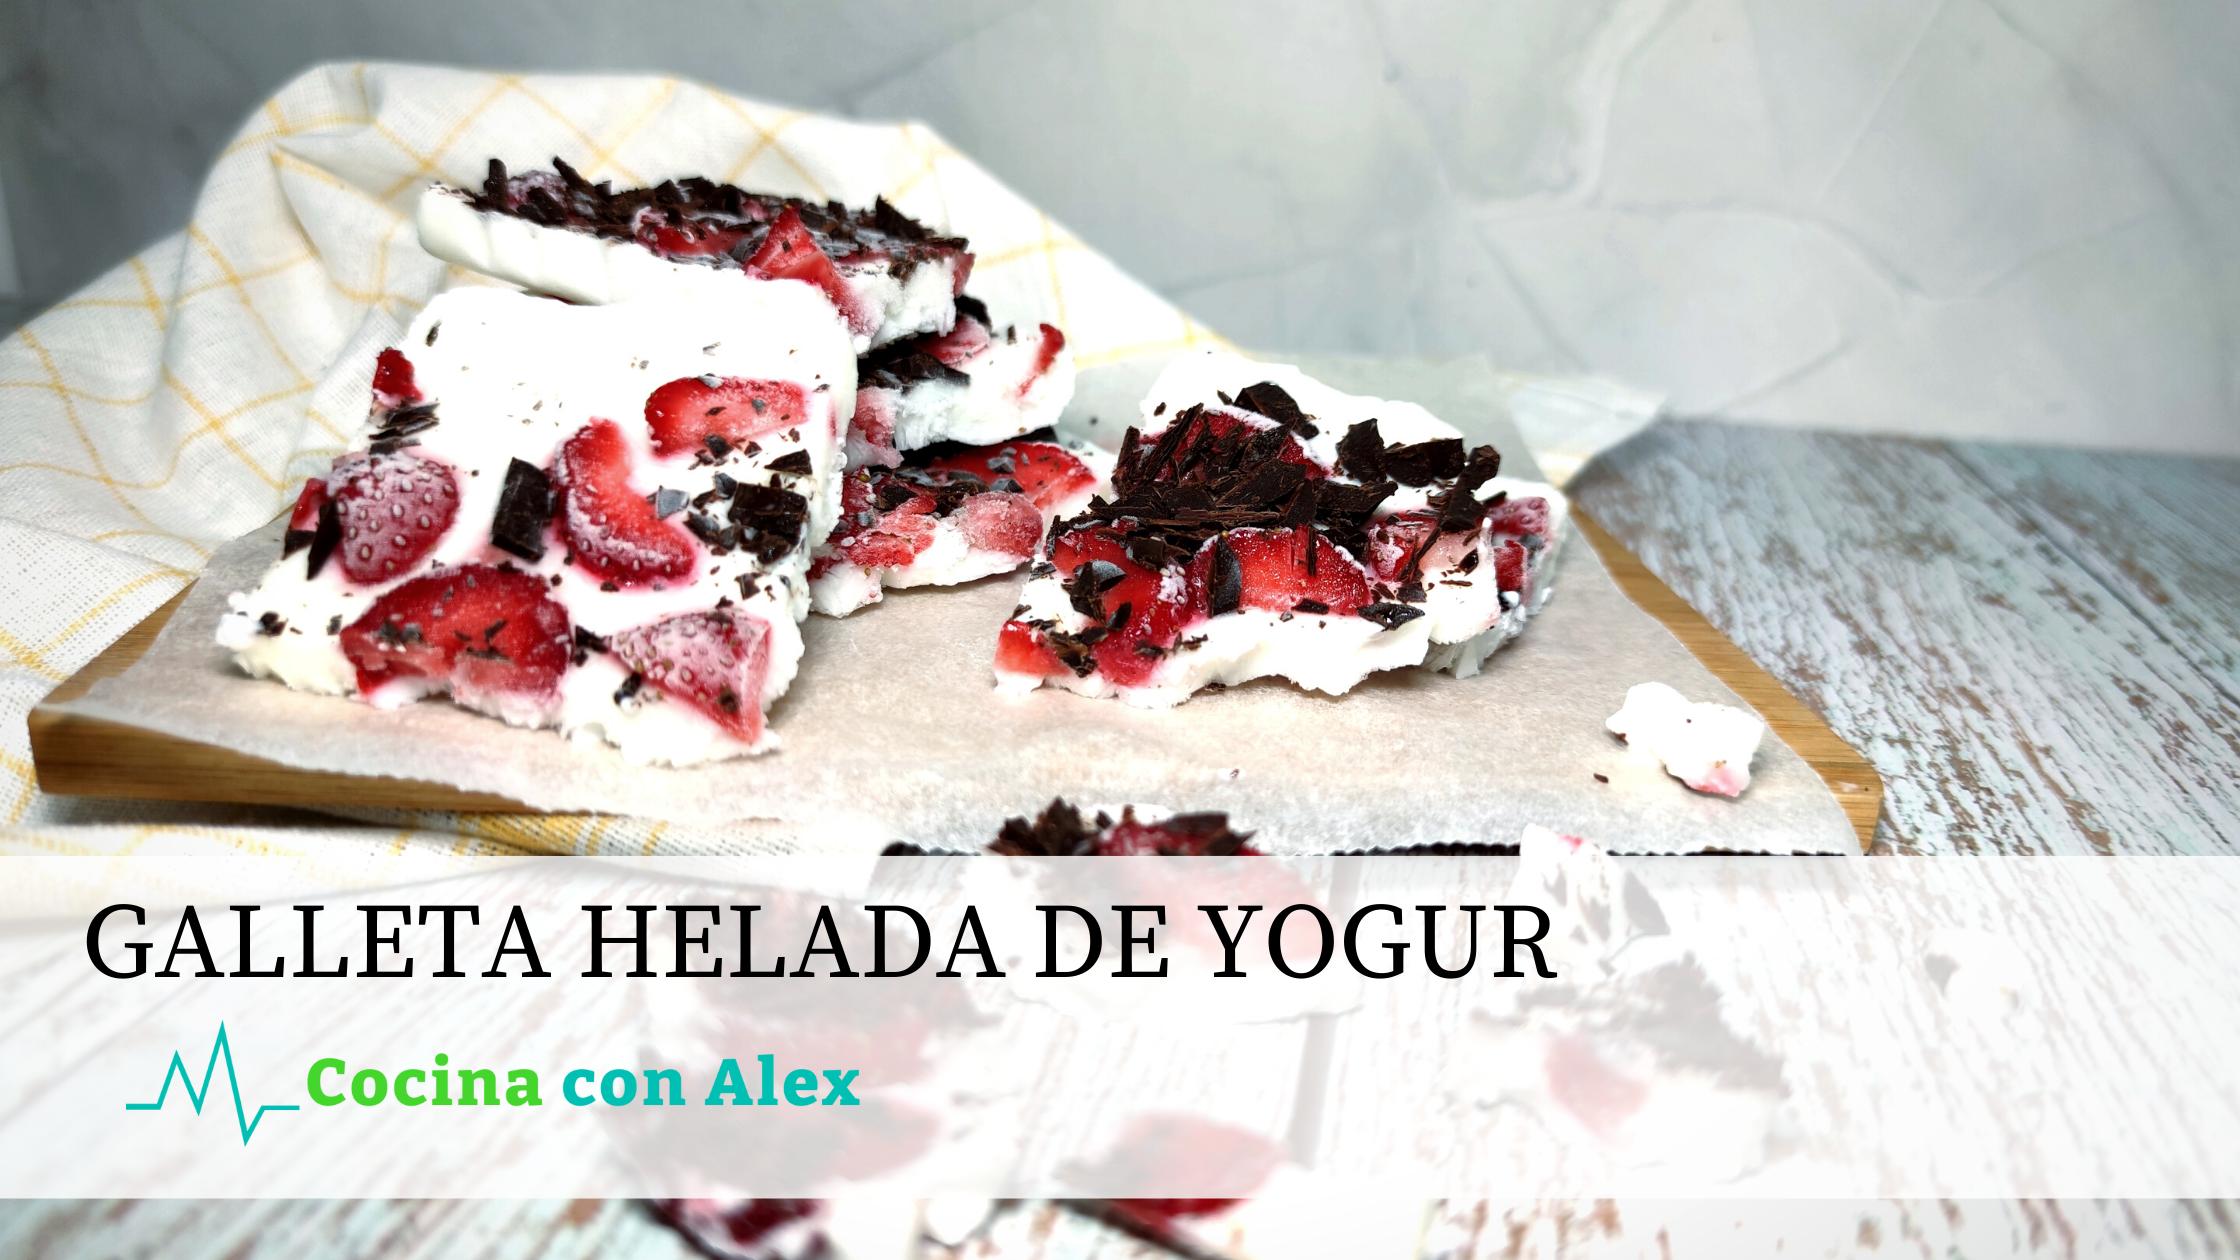 Galleta helada de yogur Alexarroyofit. Receta riquísima y saludable perfecta para no preocuparse por eso kilos de más en verano.